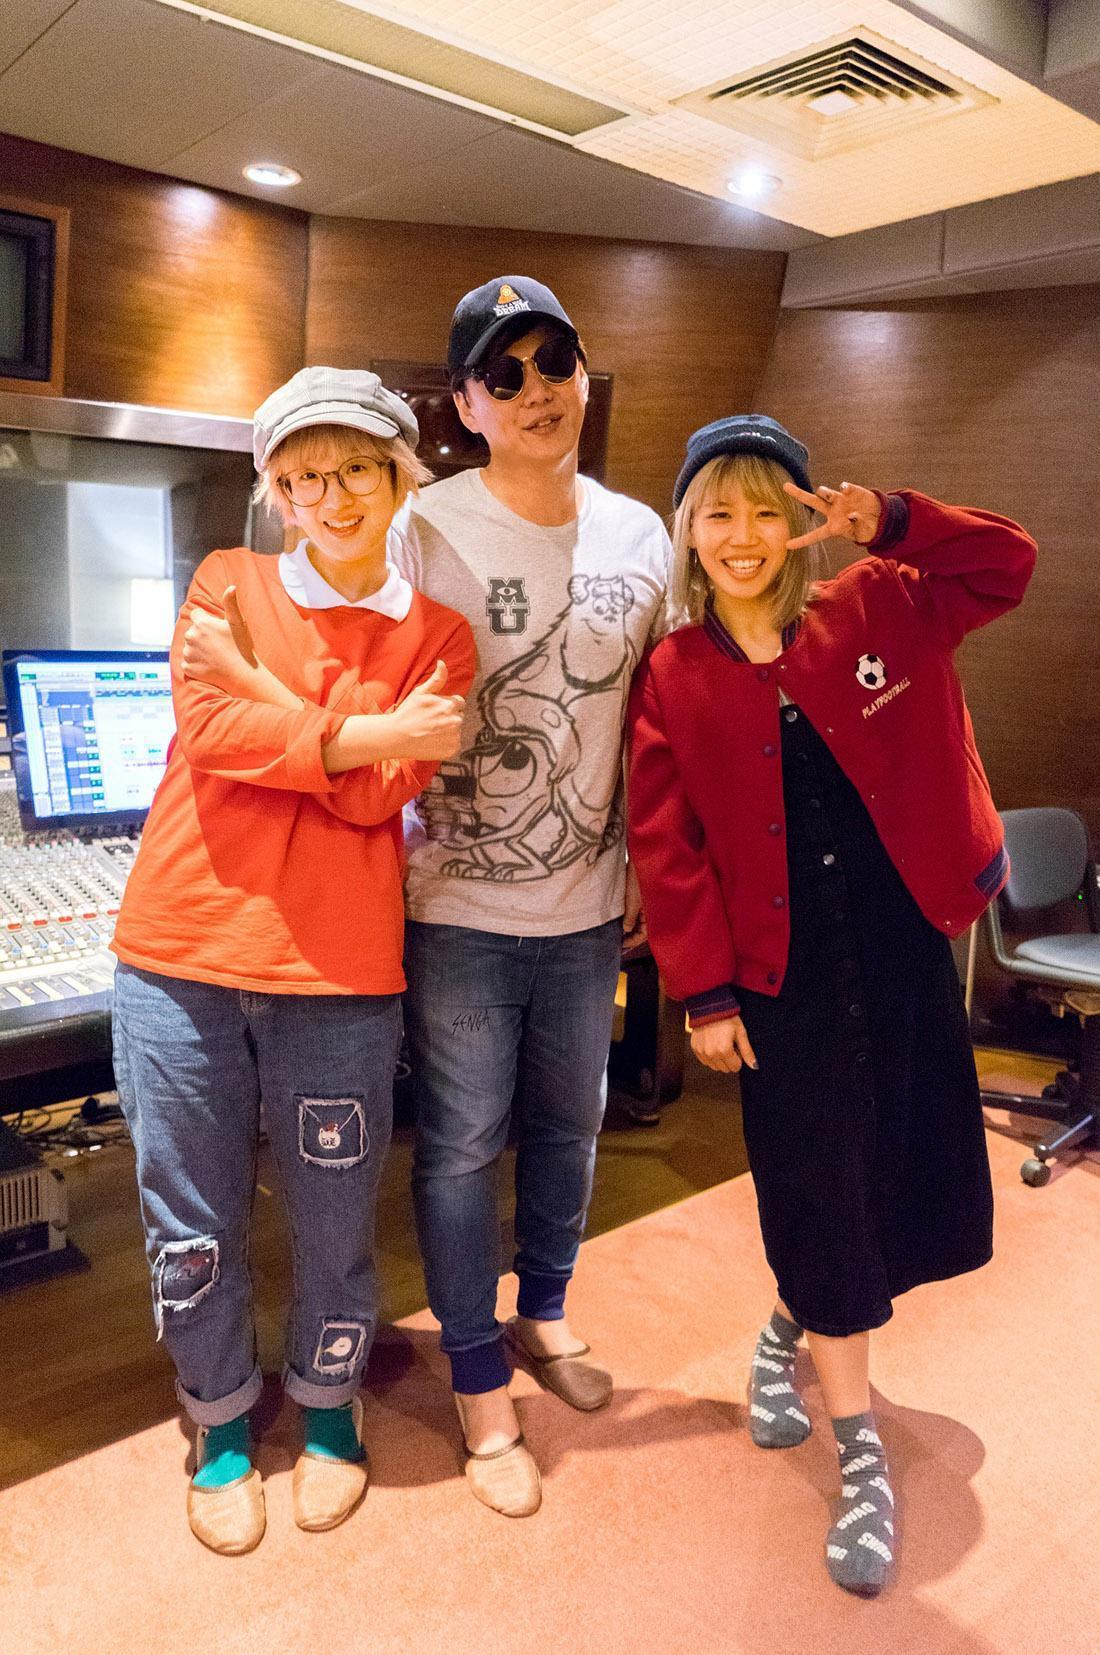 雙人女團有感覺找來金曲歌王蕭煌奇擔任專輯製作人,預計年底推出第二張專輯。(寬宏提供)